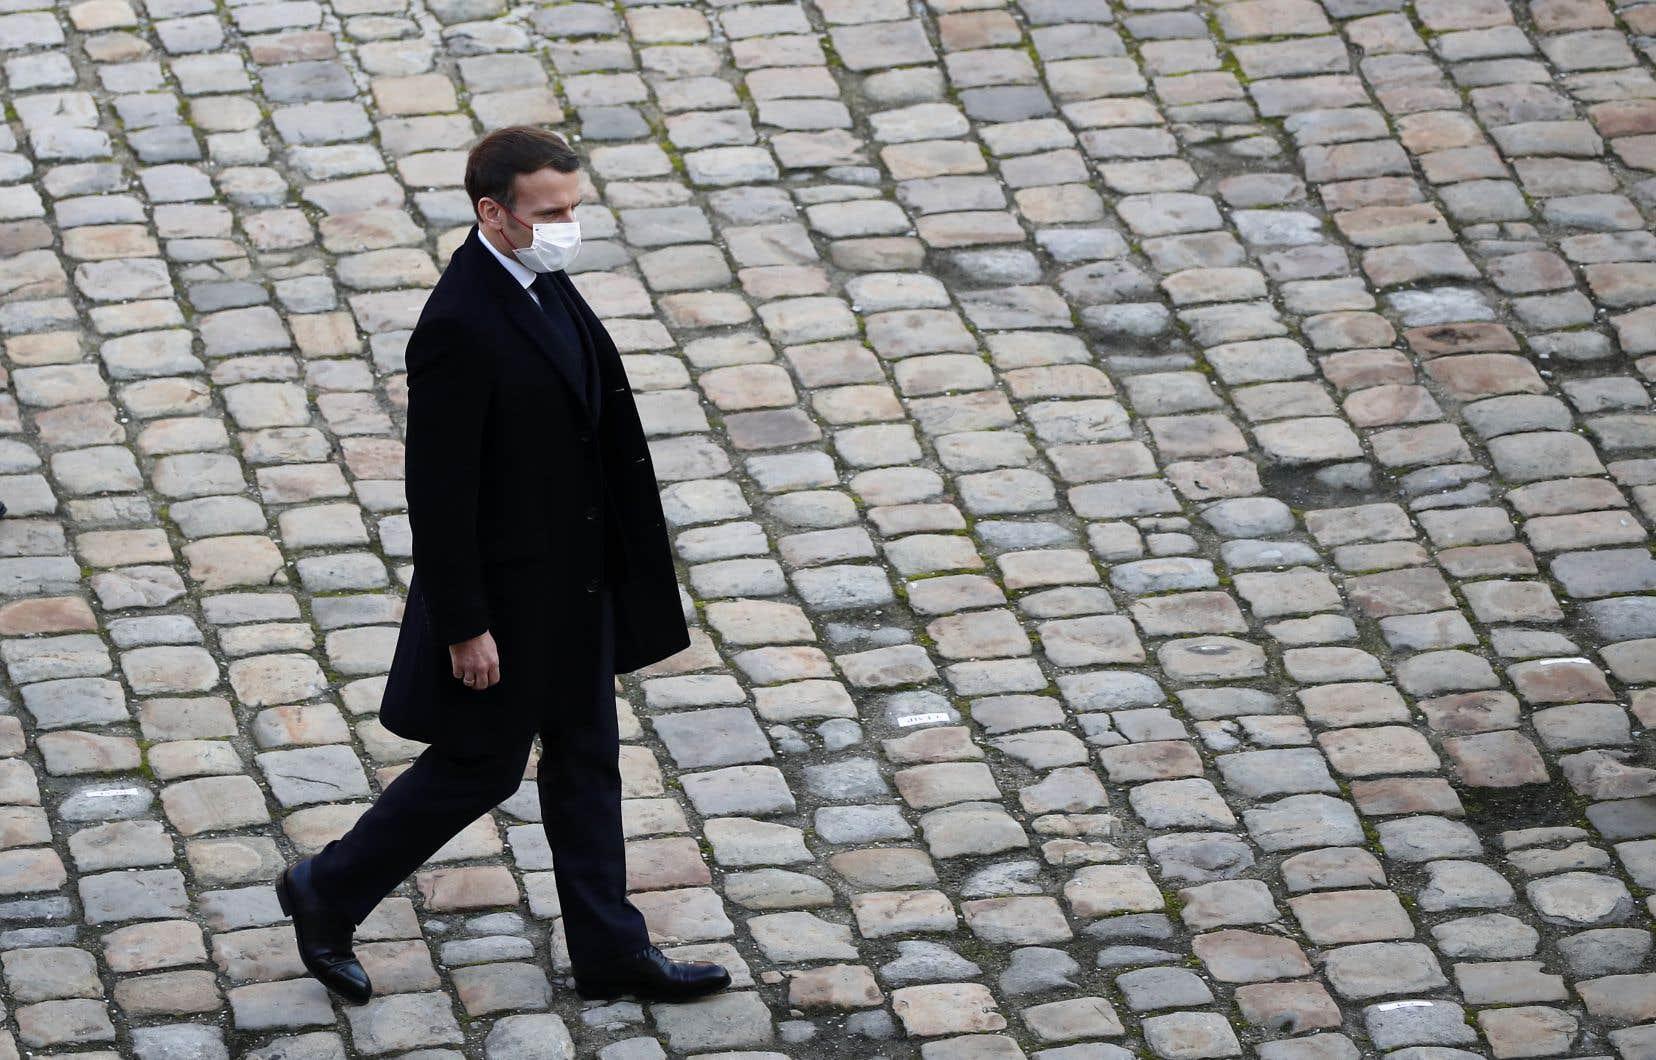 Le président français, Emmanuel Macron, avait annoncé, en octobre, la rédaction d'une nouvelle loi destinée à combattre l'islamisme et le communautarisme religieux.